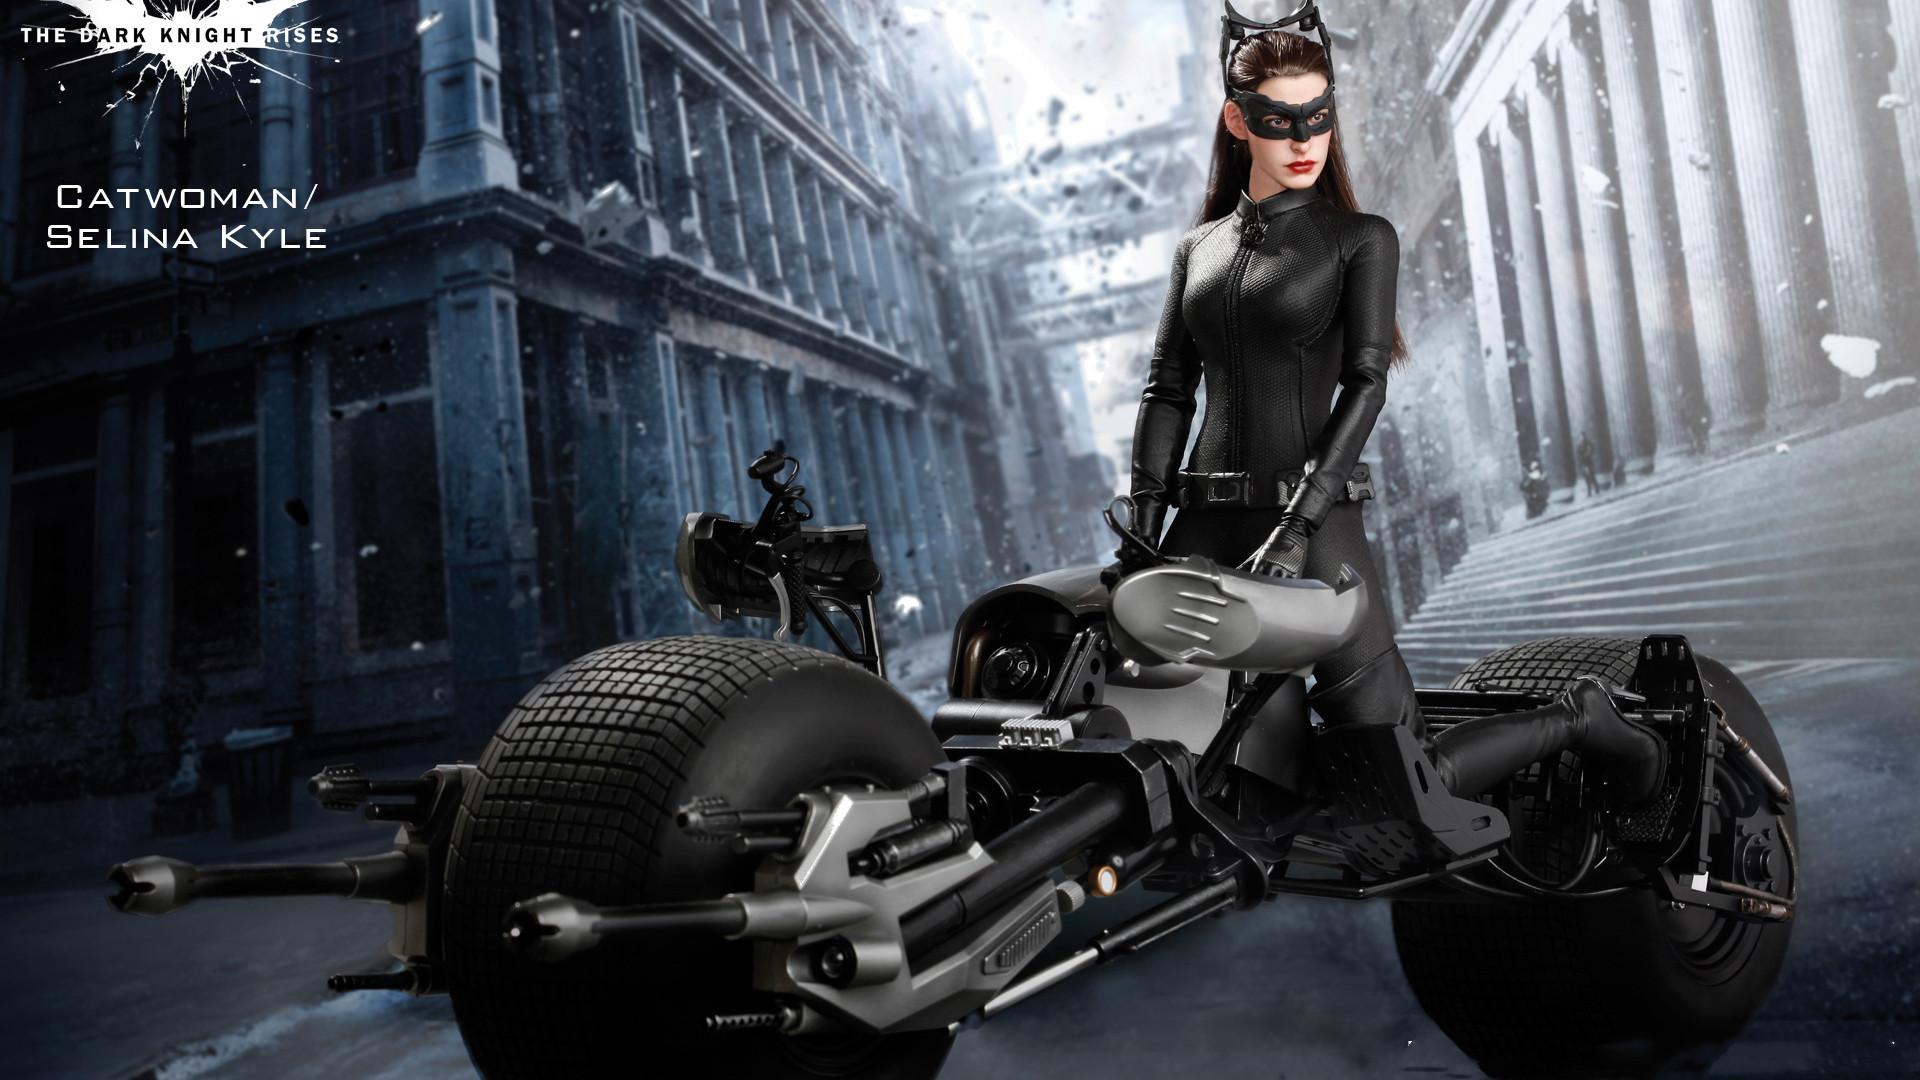 第二位蝙蝠侠登场,还有最新的蝙蝠摩托,《闪电侠》曝光新片场照